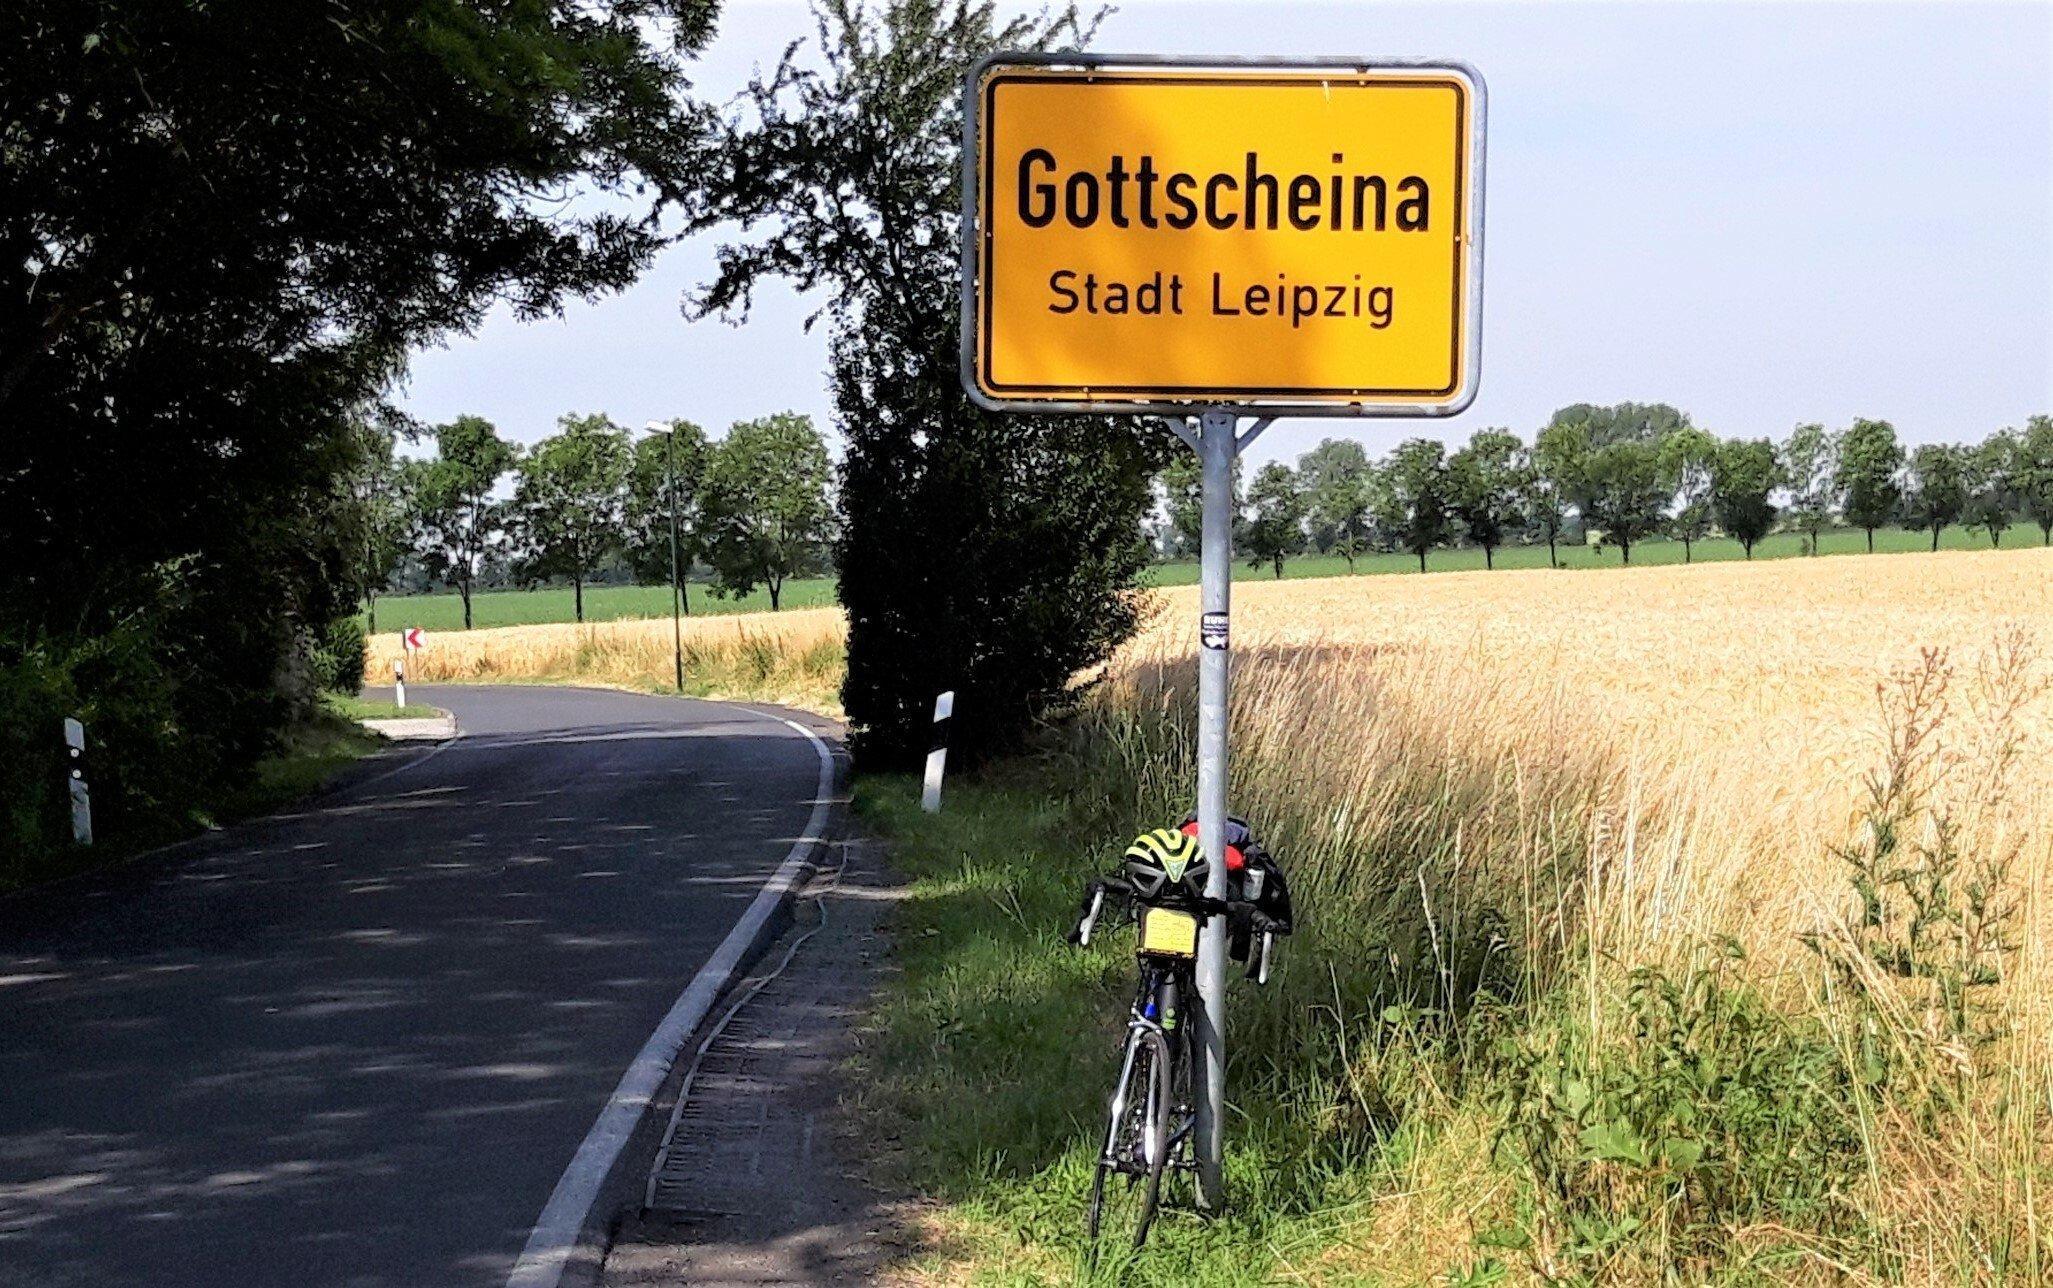 Das Rad des Autors lehnt am Ortsschild von Gottscheina, Stadt Leipzig